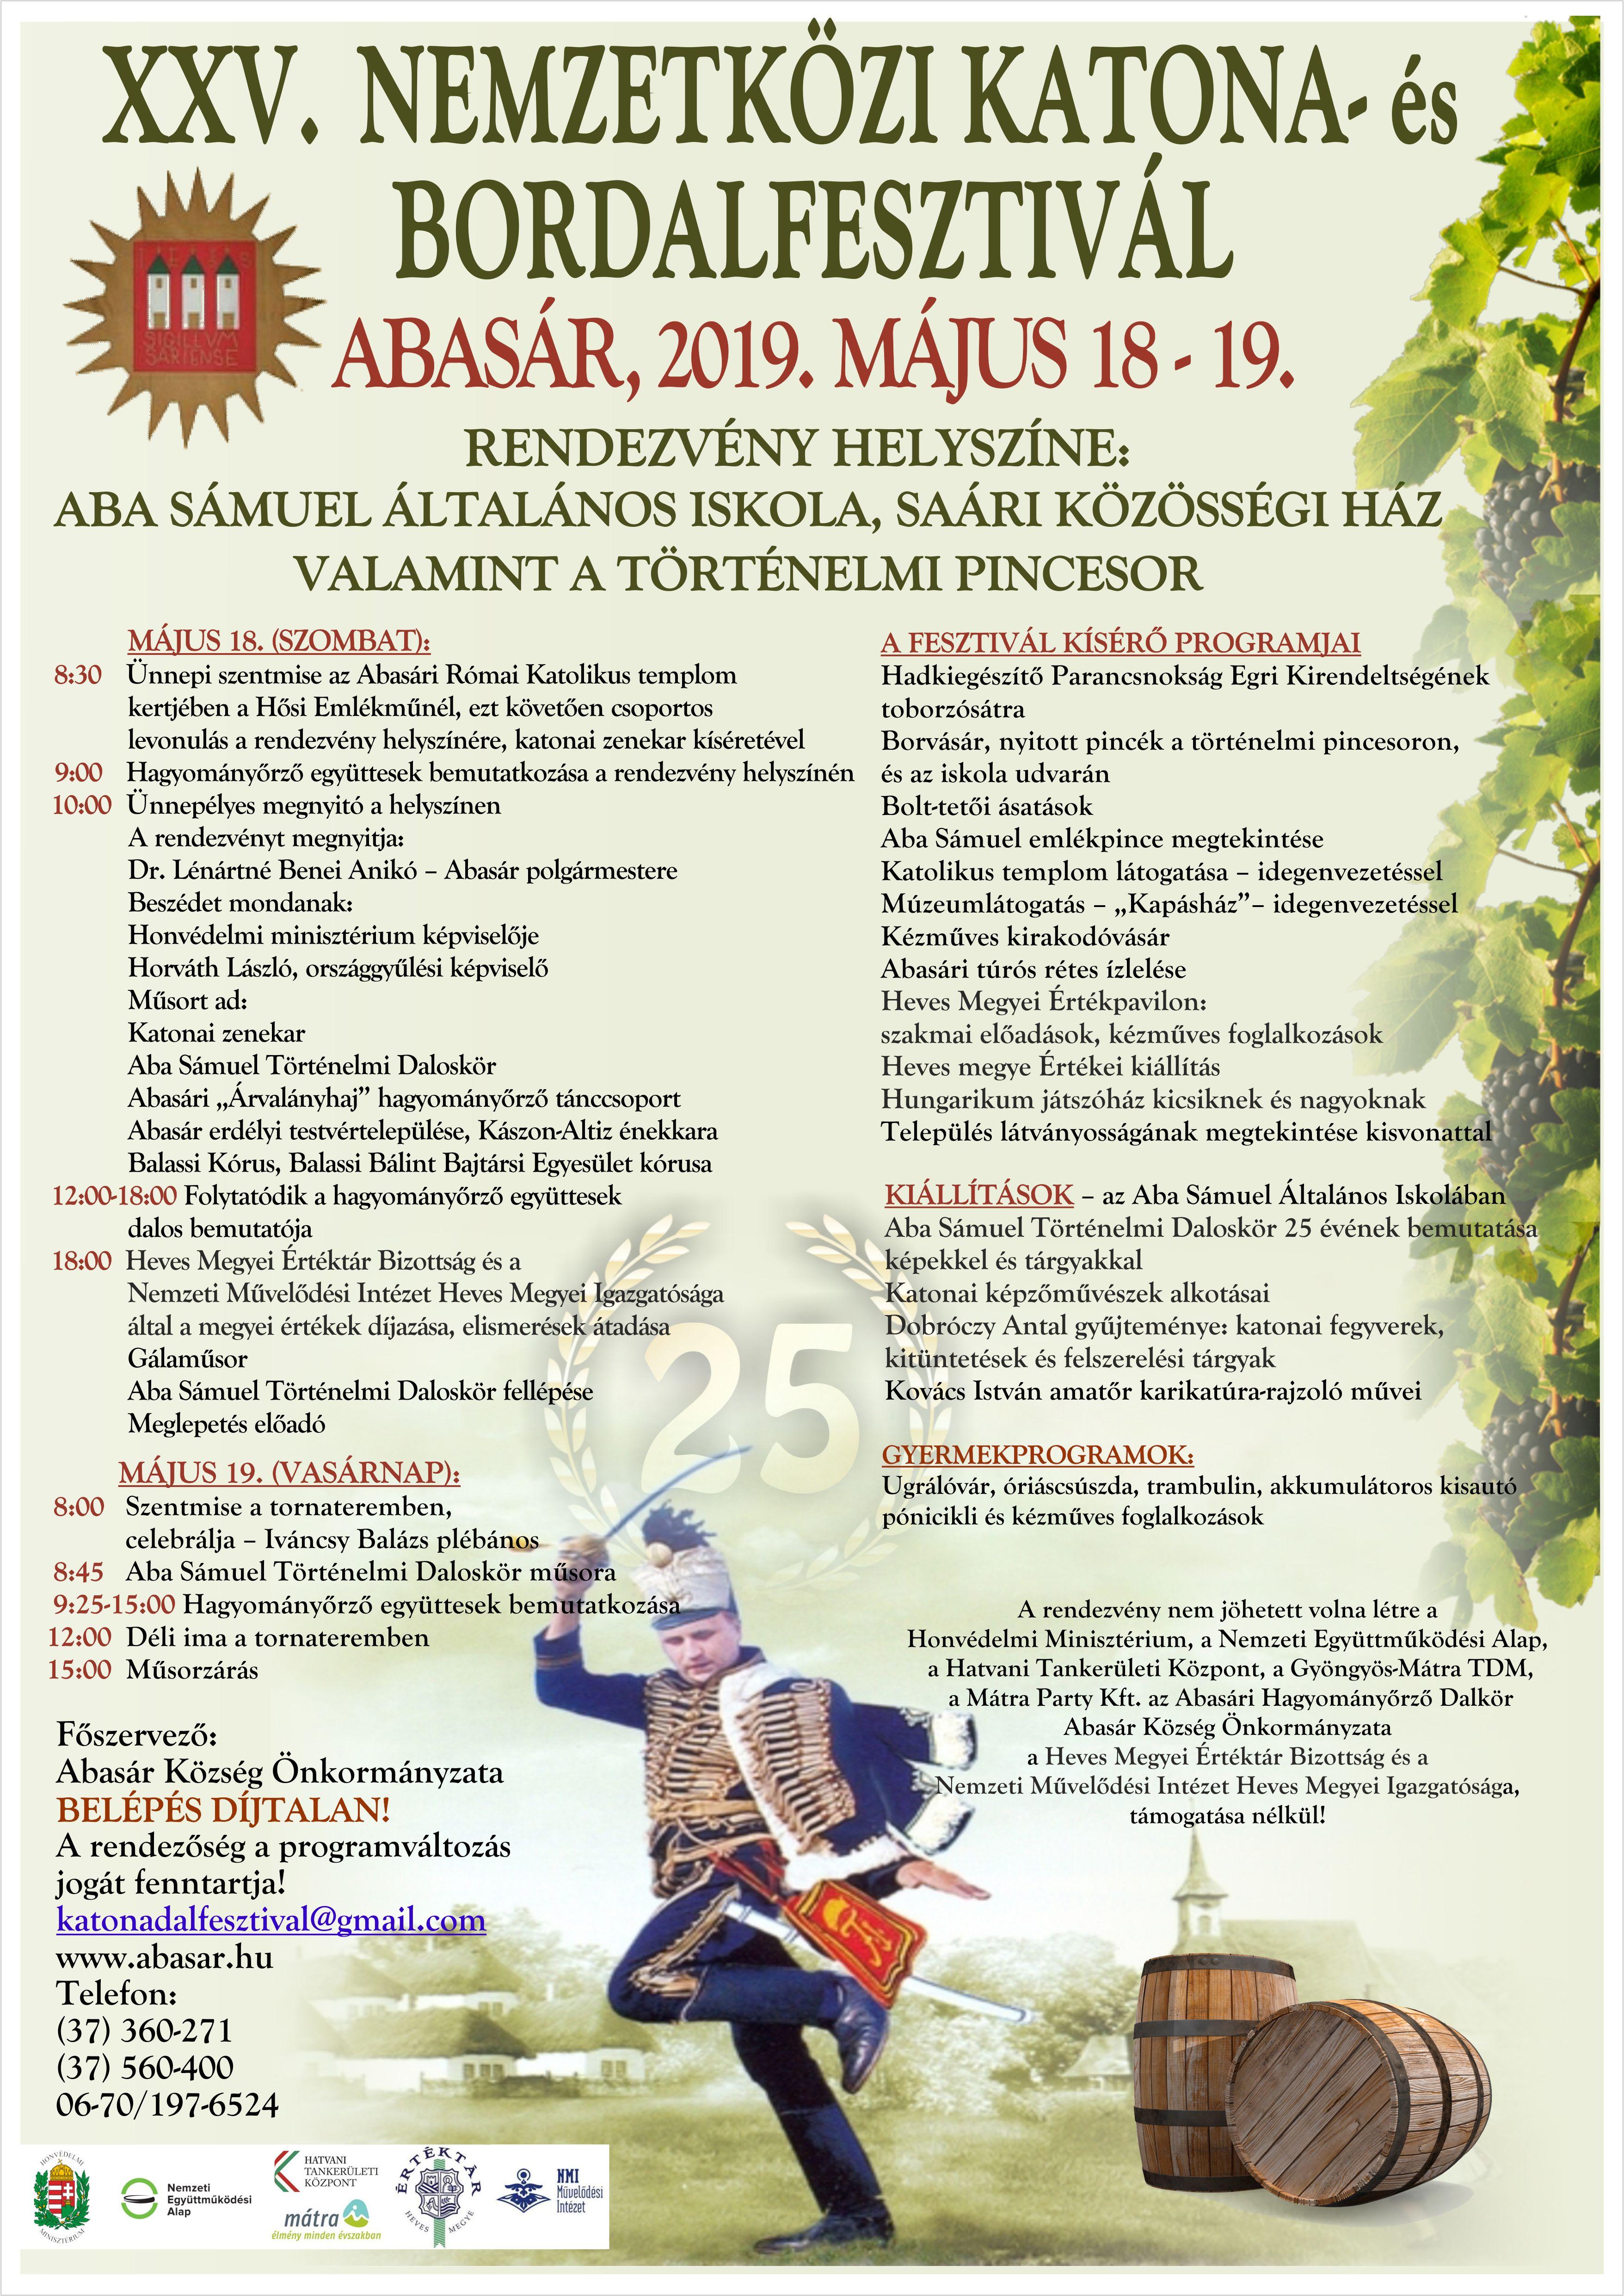 Negyedszázados az abasári Nemzetközi Katona- és Bordal Fesztivál